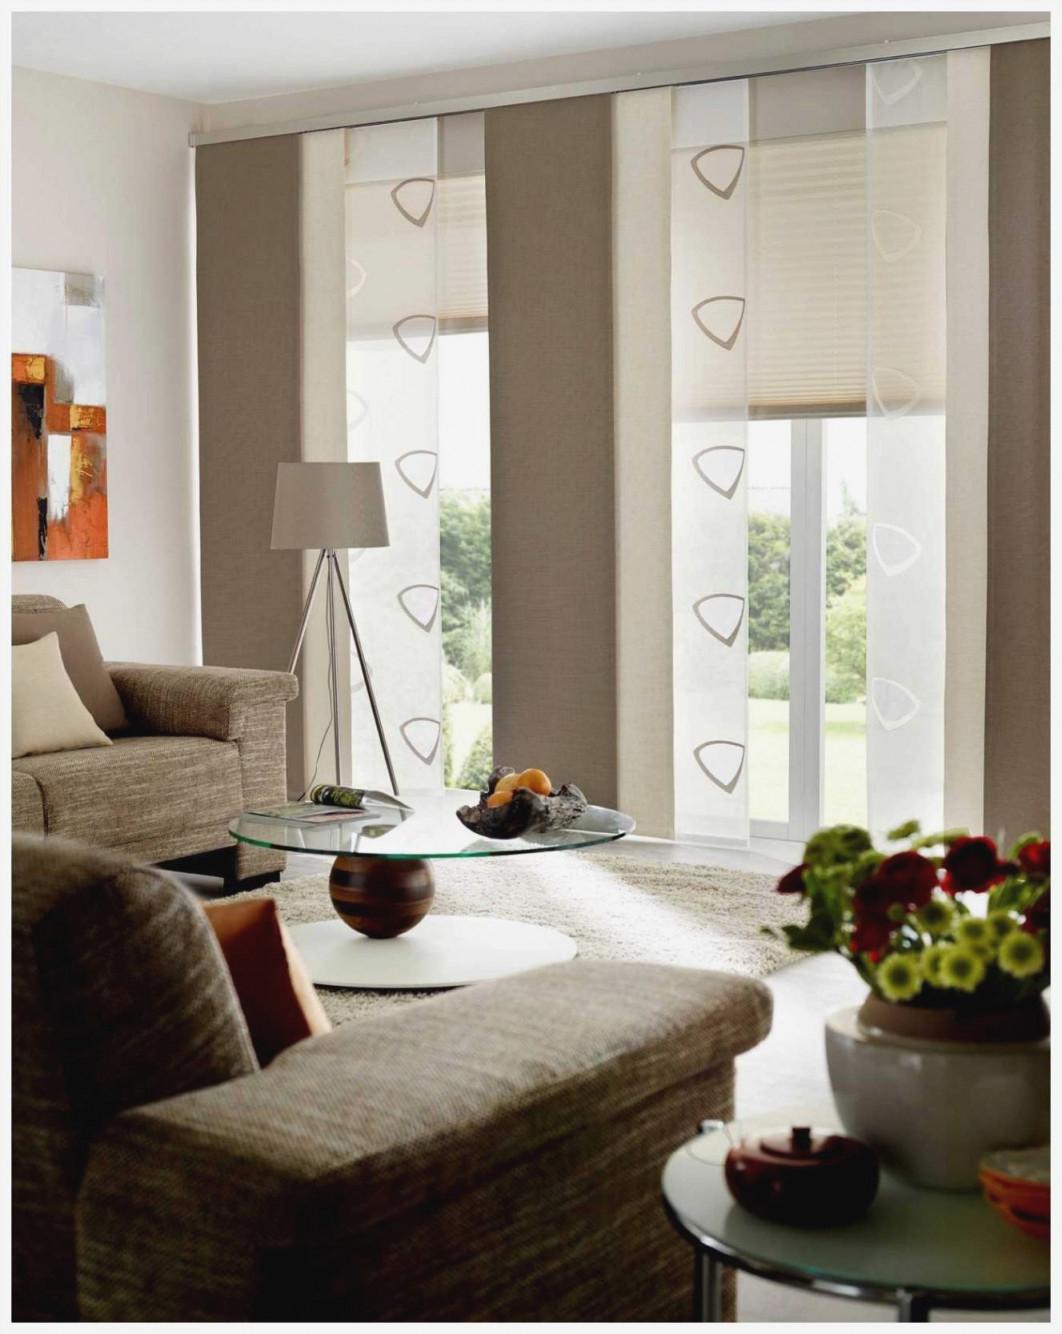 Ideen Gardinen Wohnzimmer 2 Fenster Balkontür  Wohnzimmer von Wohnzimmer Gardinen Fenster Und Balkontüre Photo